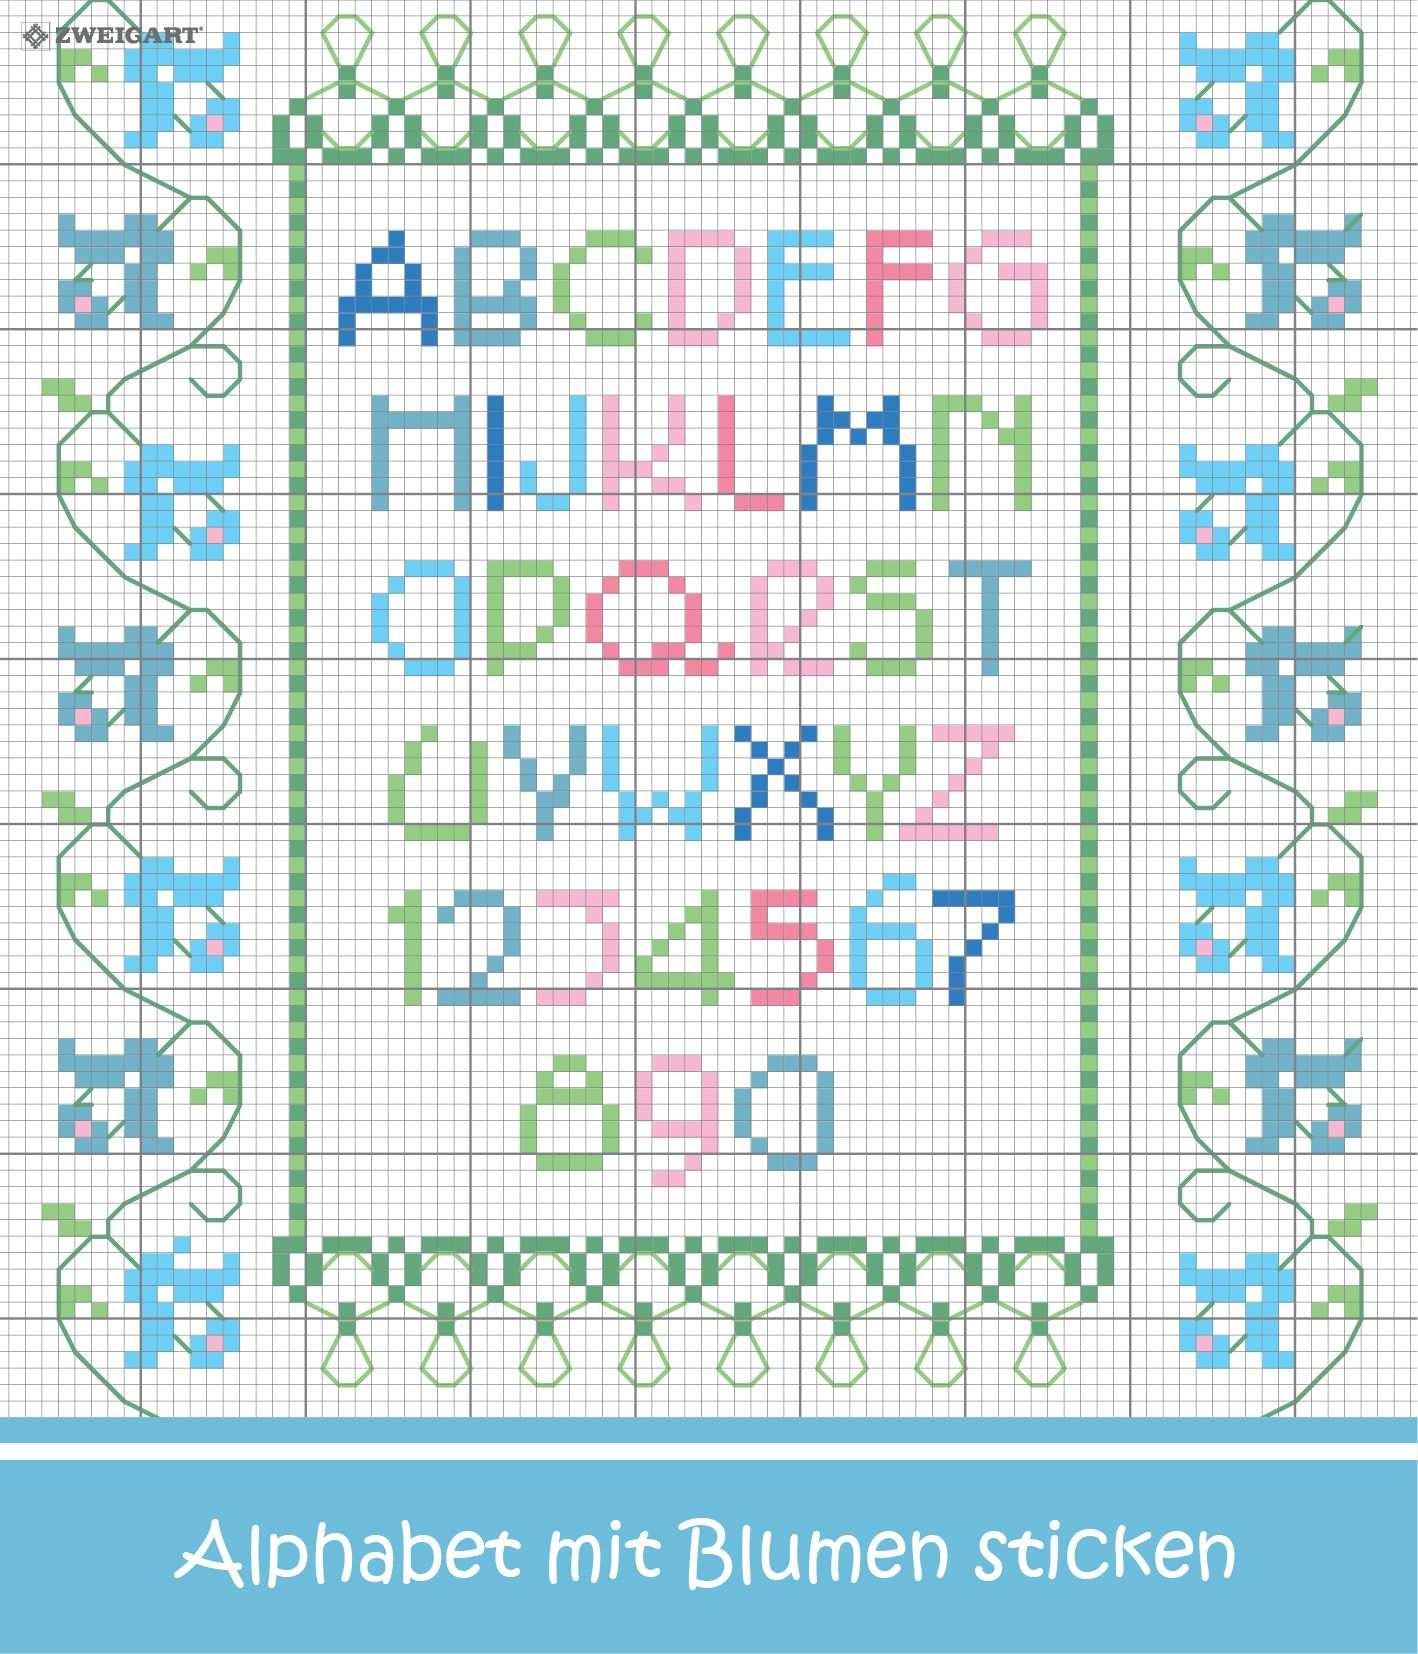 Zartes Blumen Alphabet Sticken Entdecke Zahlreiche Kostenlose Charts Zum Sticken Alphabet Sticken Buchstaben Sticken Sticken